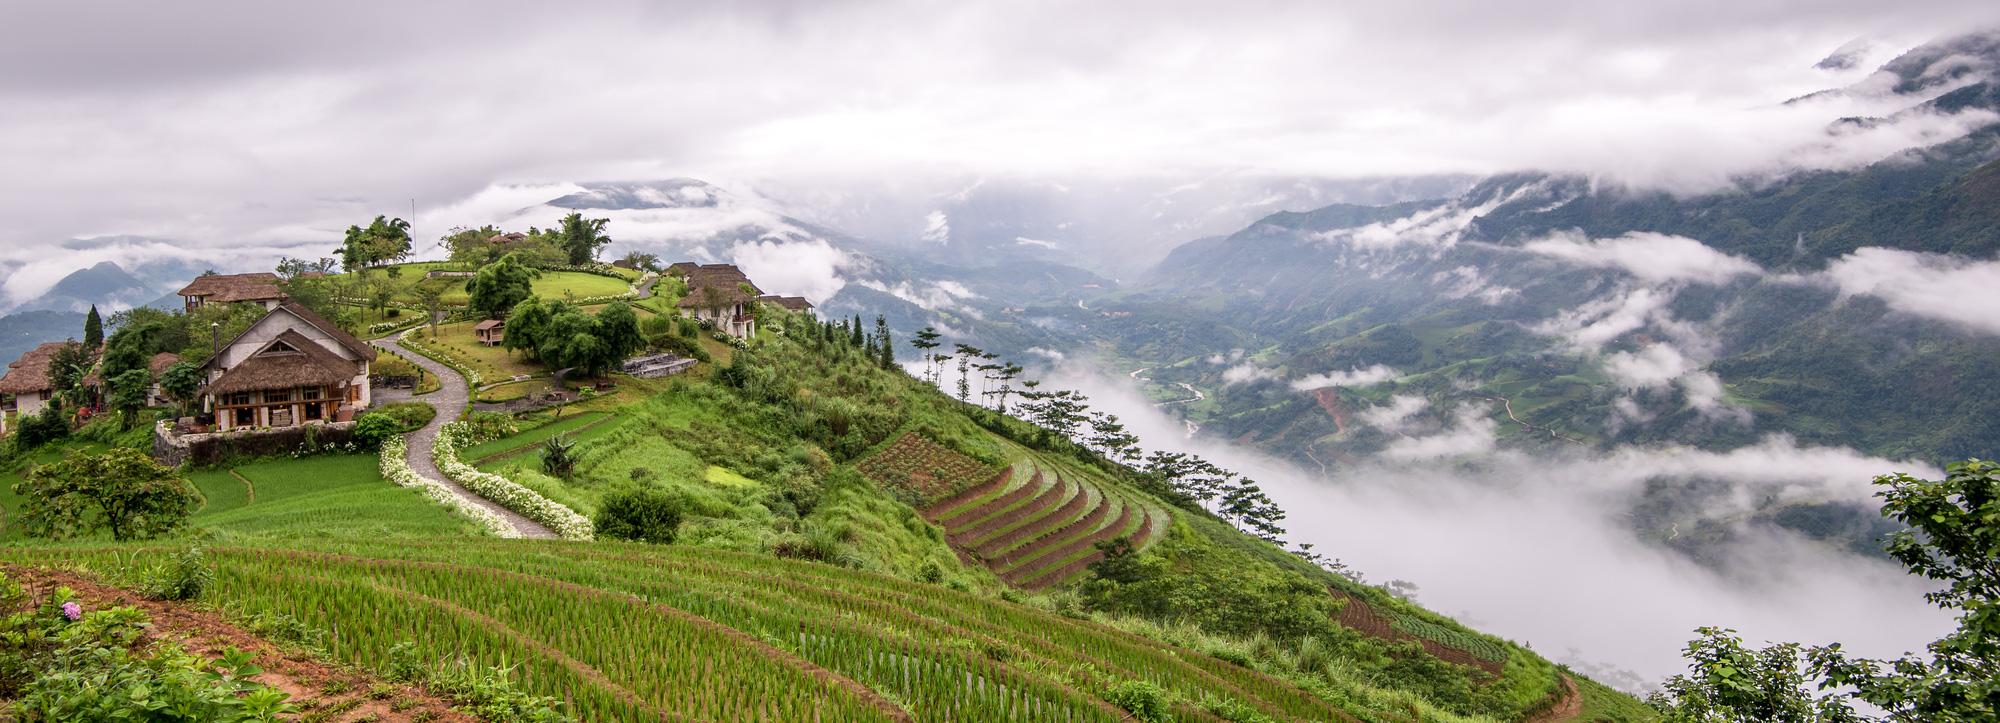 59% du khách Việt Nam muốn du lịch bền vững hơn trong tương lai hậu Covid-19 - Ảnh 9.